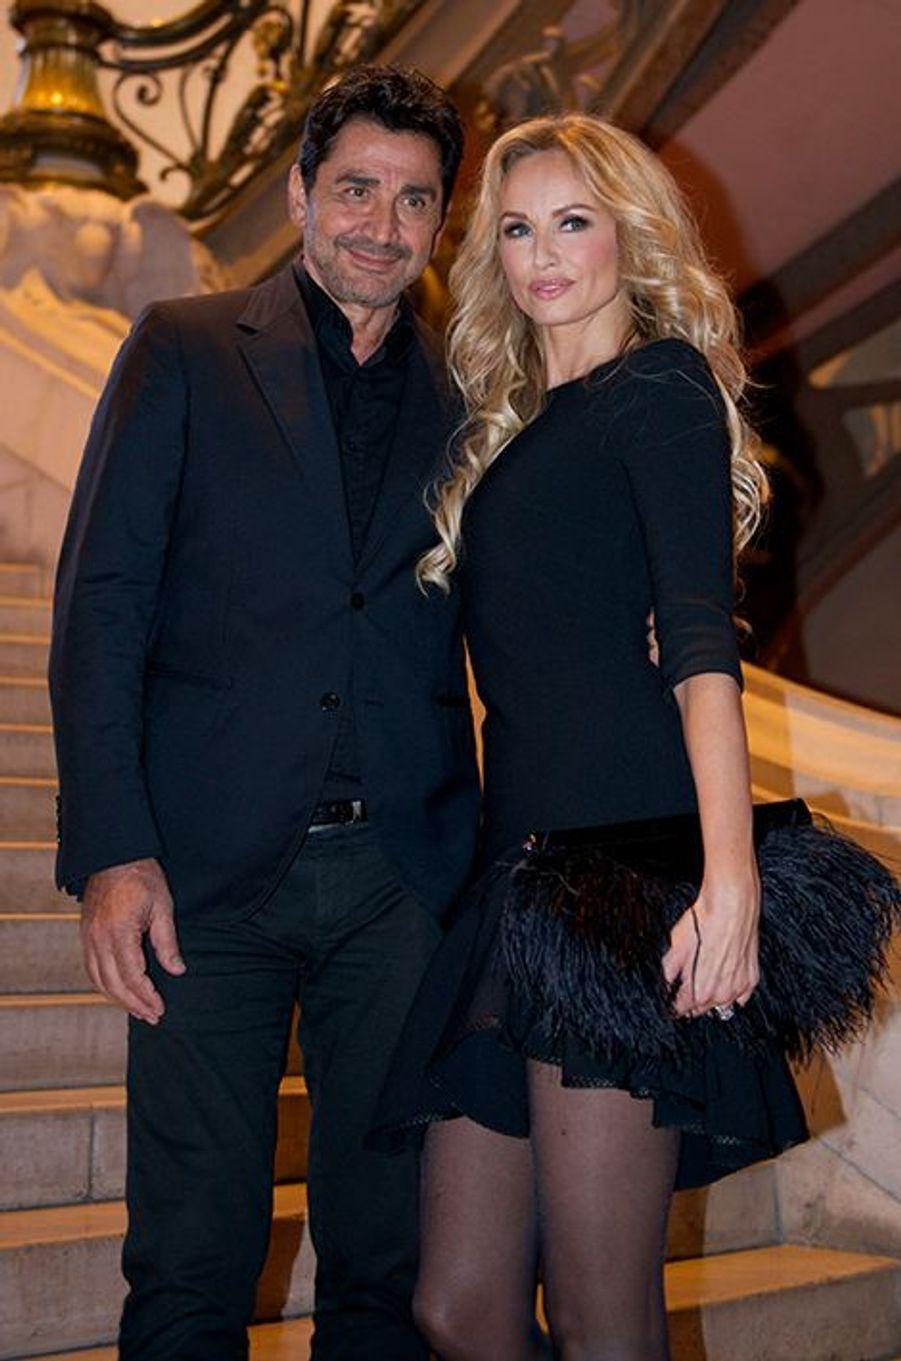 Trois ans après sa rupture avec Christian Karembeu, la bombe slovaque a épousé en secondes noces l'homme d'affaires Aram Ohanian le 14 juin à Monaco.